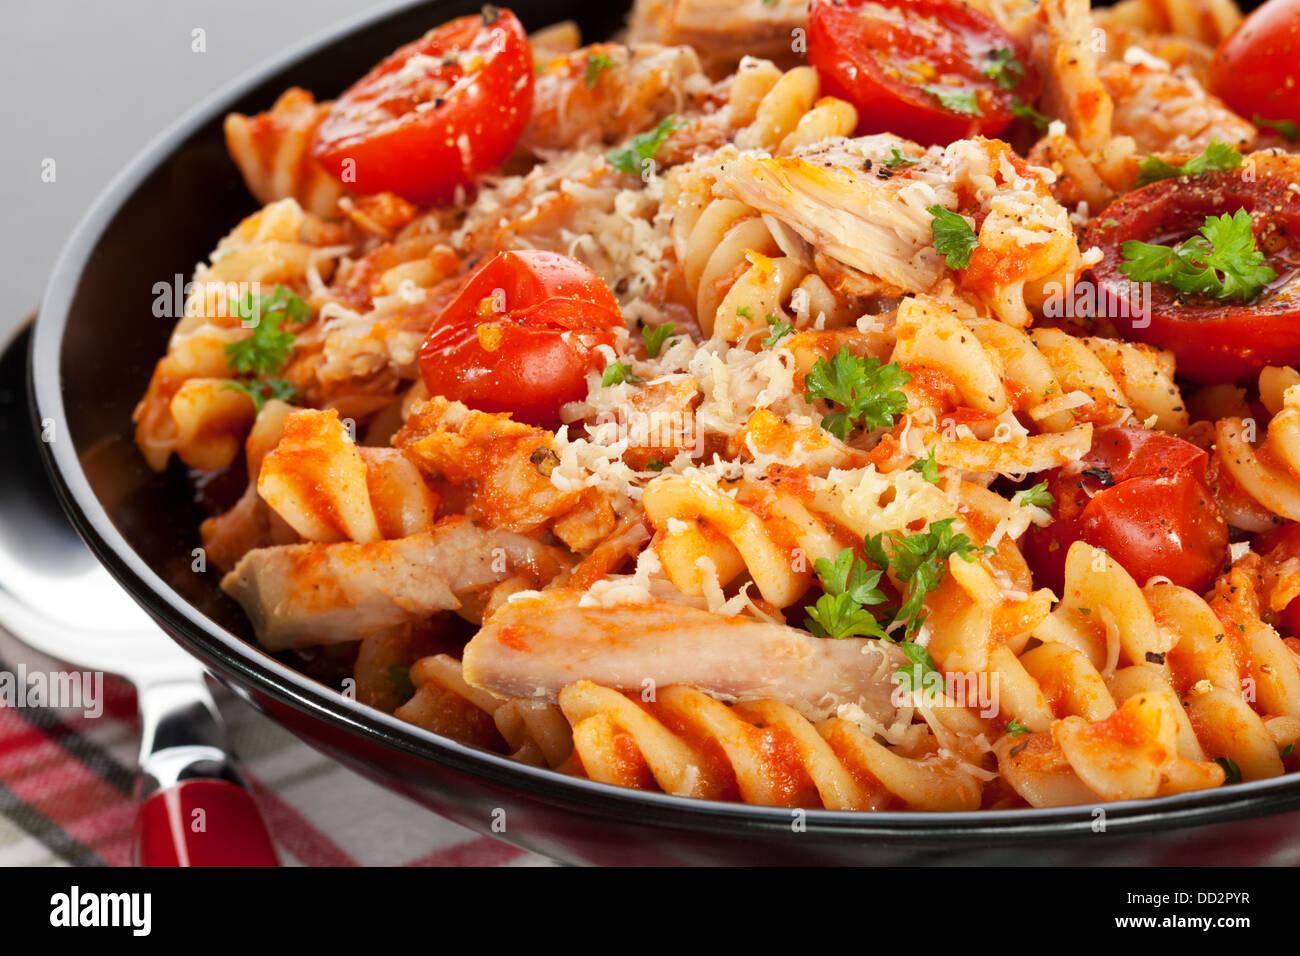 Cuocere la pasta con tonno e pomodori ciliegia - un individuo che serve di cuocere la pasta con pomodorini e tonno Immagini Stock